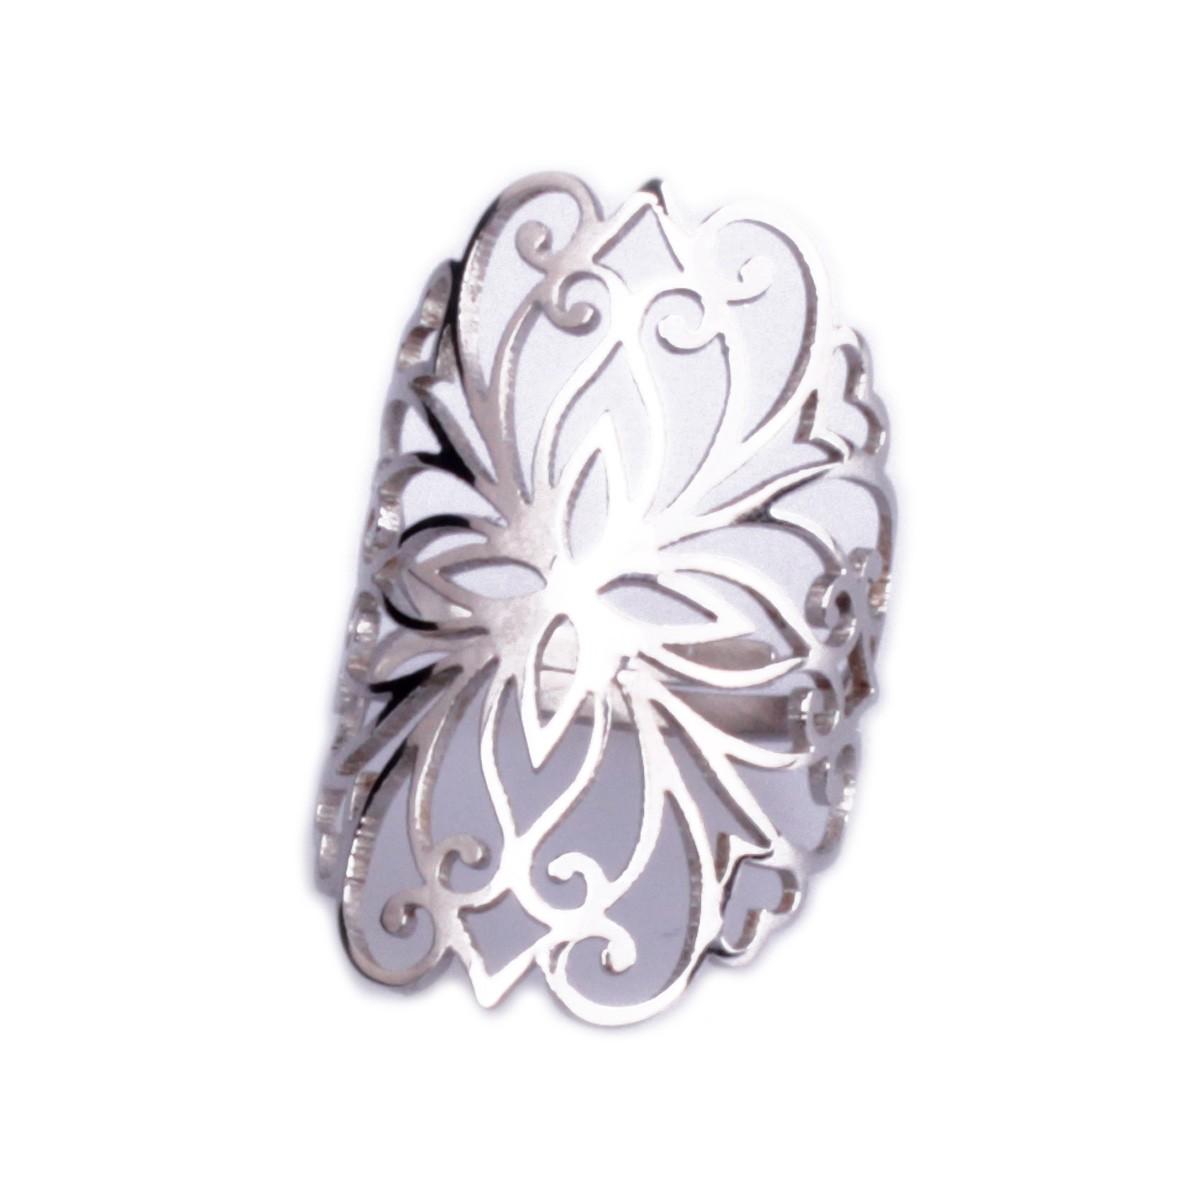 accessoire femme bijoux fantaisie bague fantaisie pour. Black Bedroom Furniture Sets. Home Design Ideas